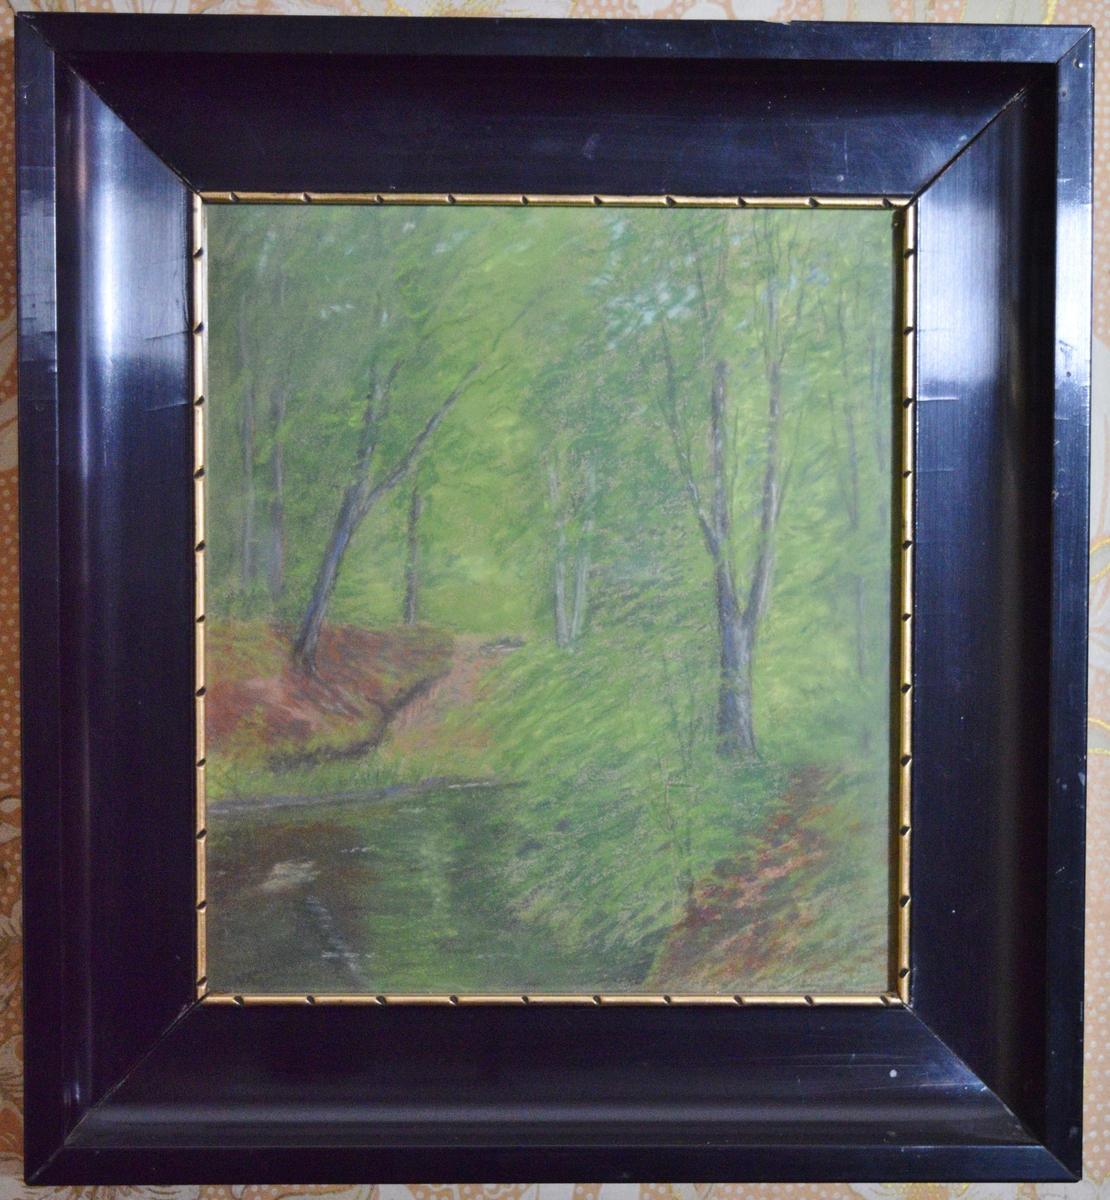 Tett skog med tjern i forgrunnen til venstre.